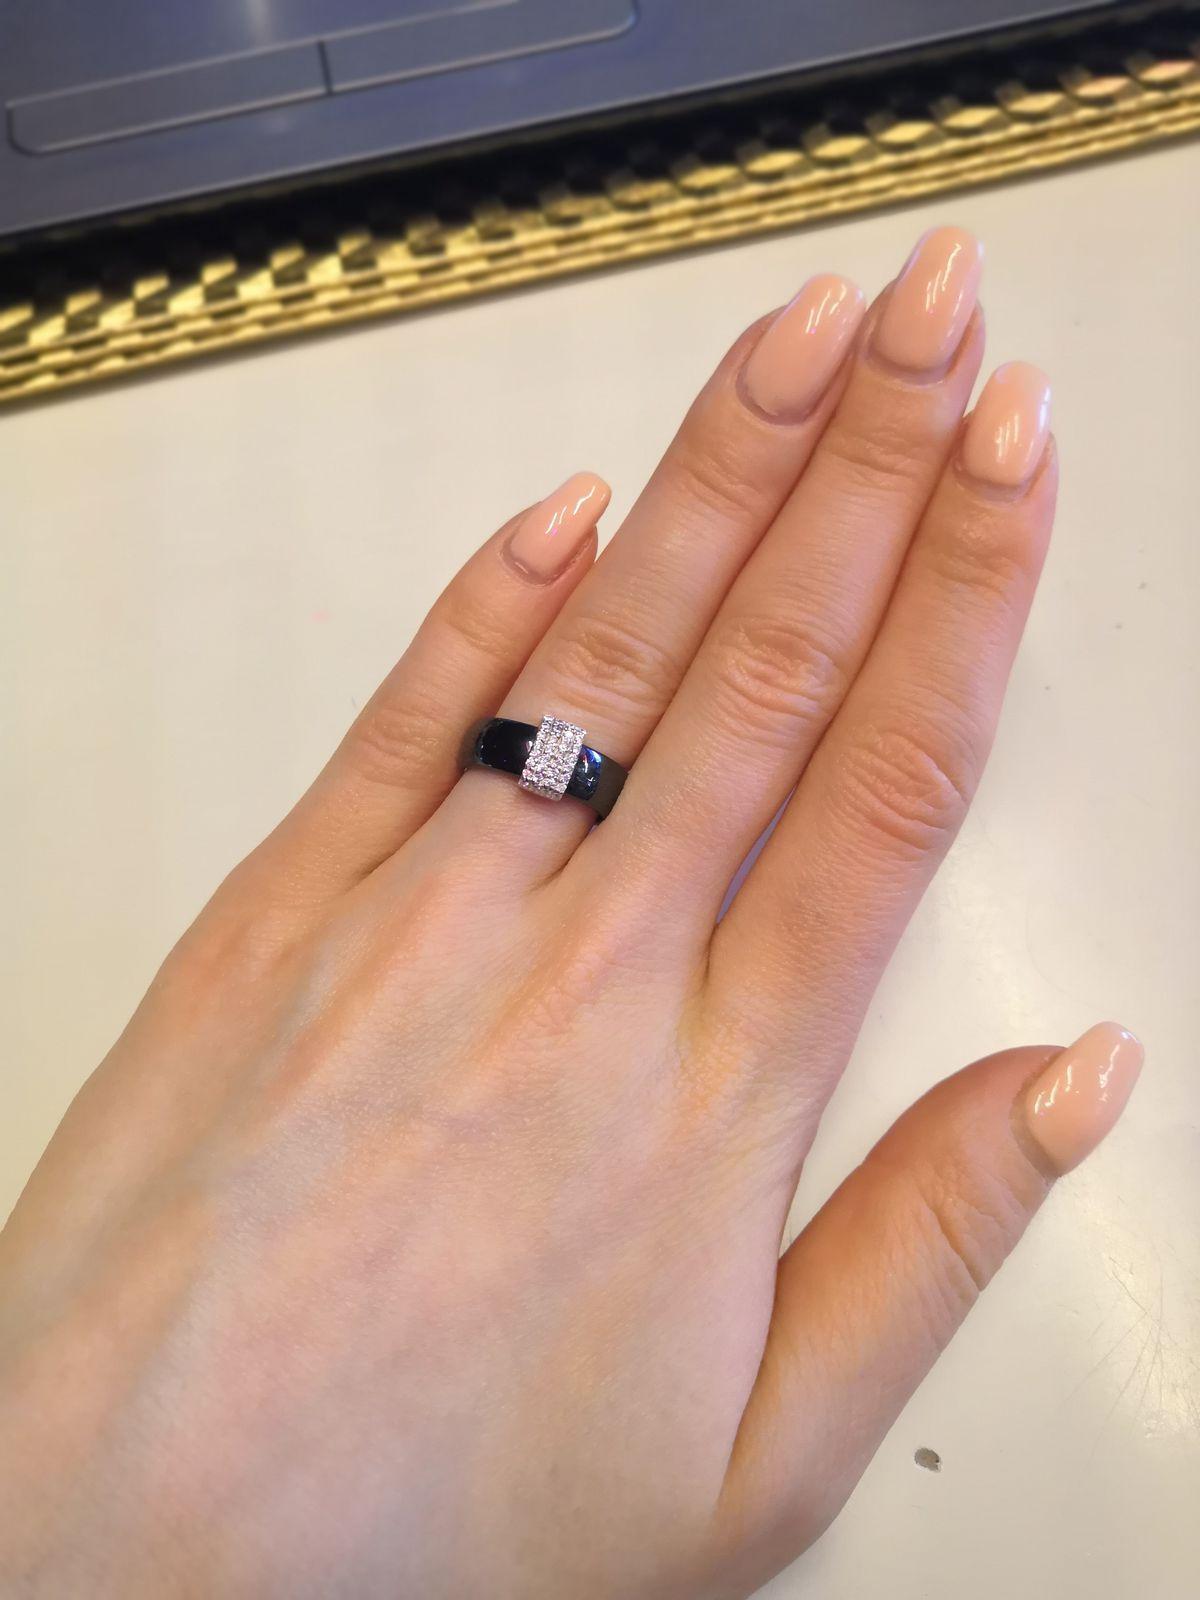 Очень красивое кольцо 😍🤩